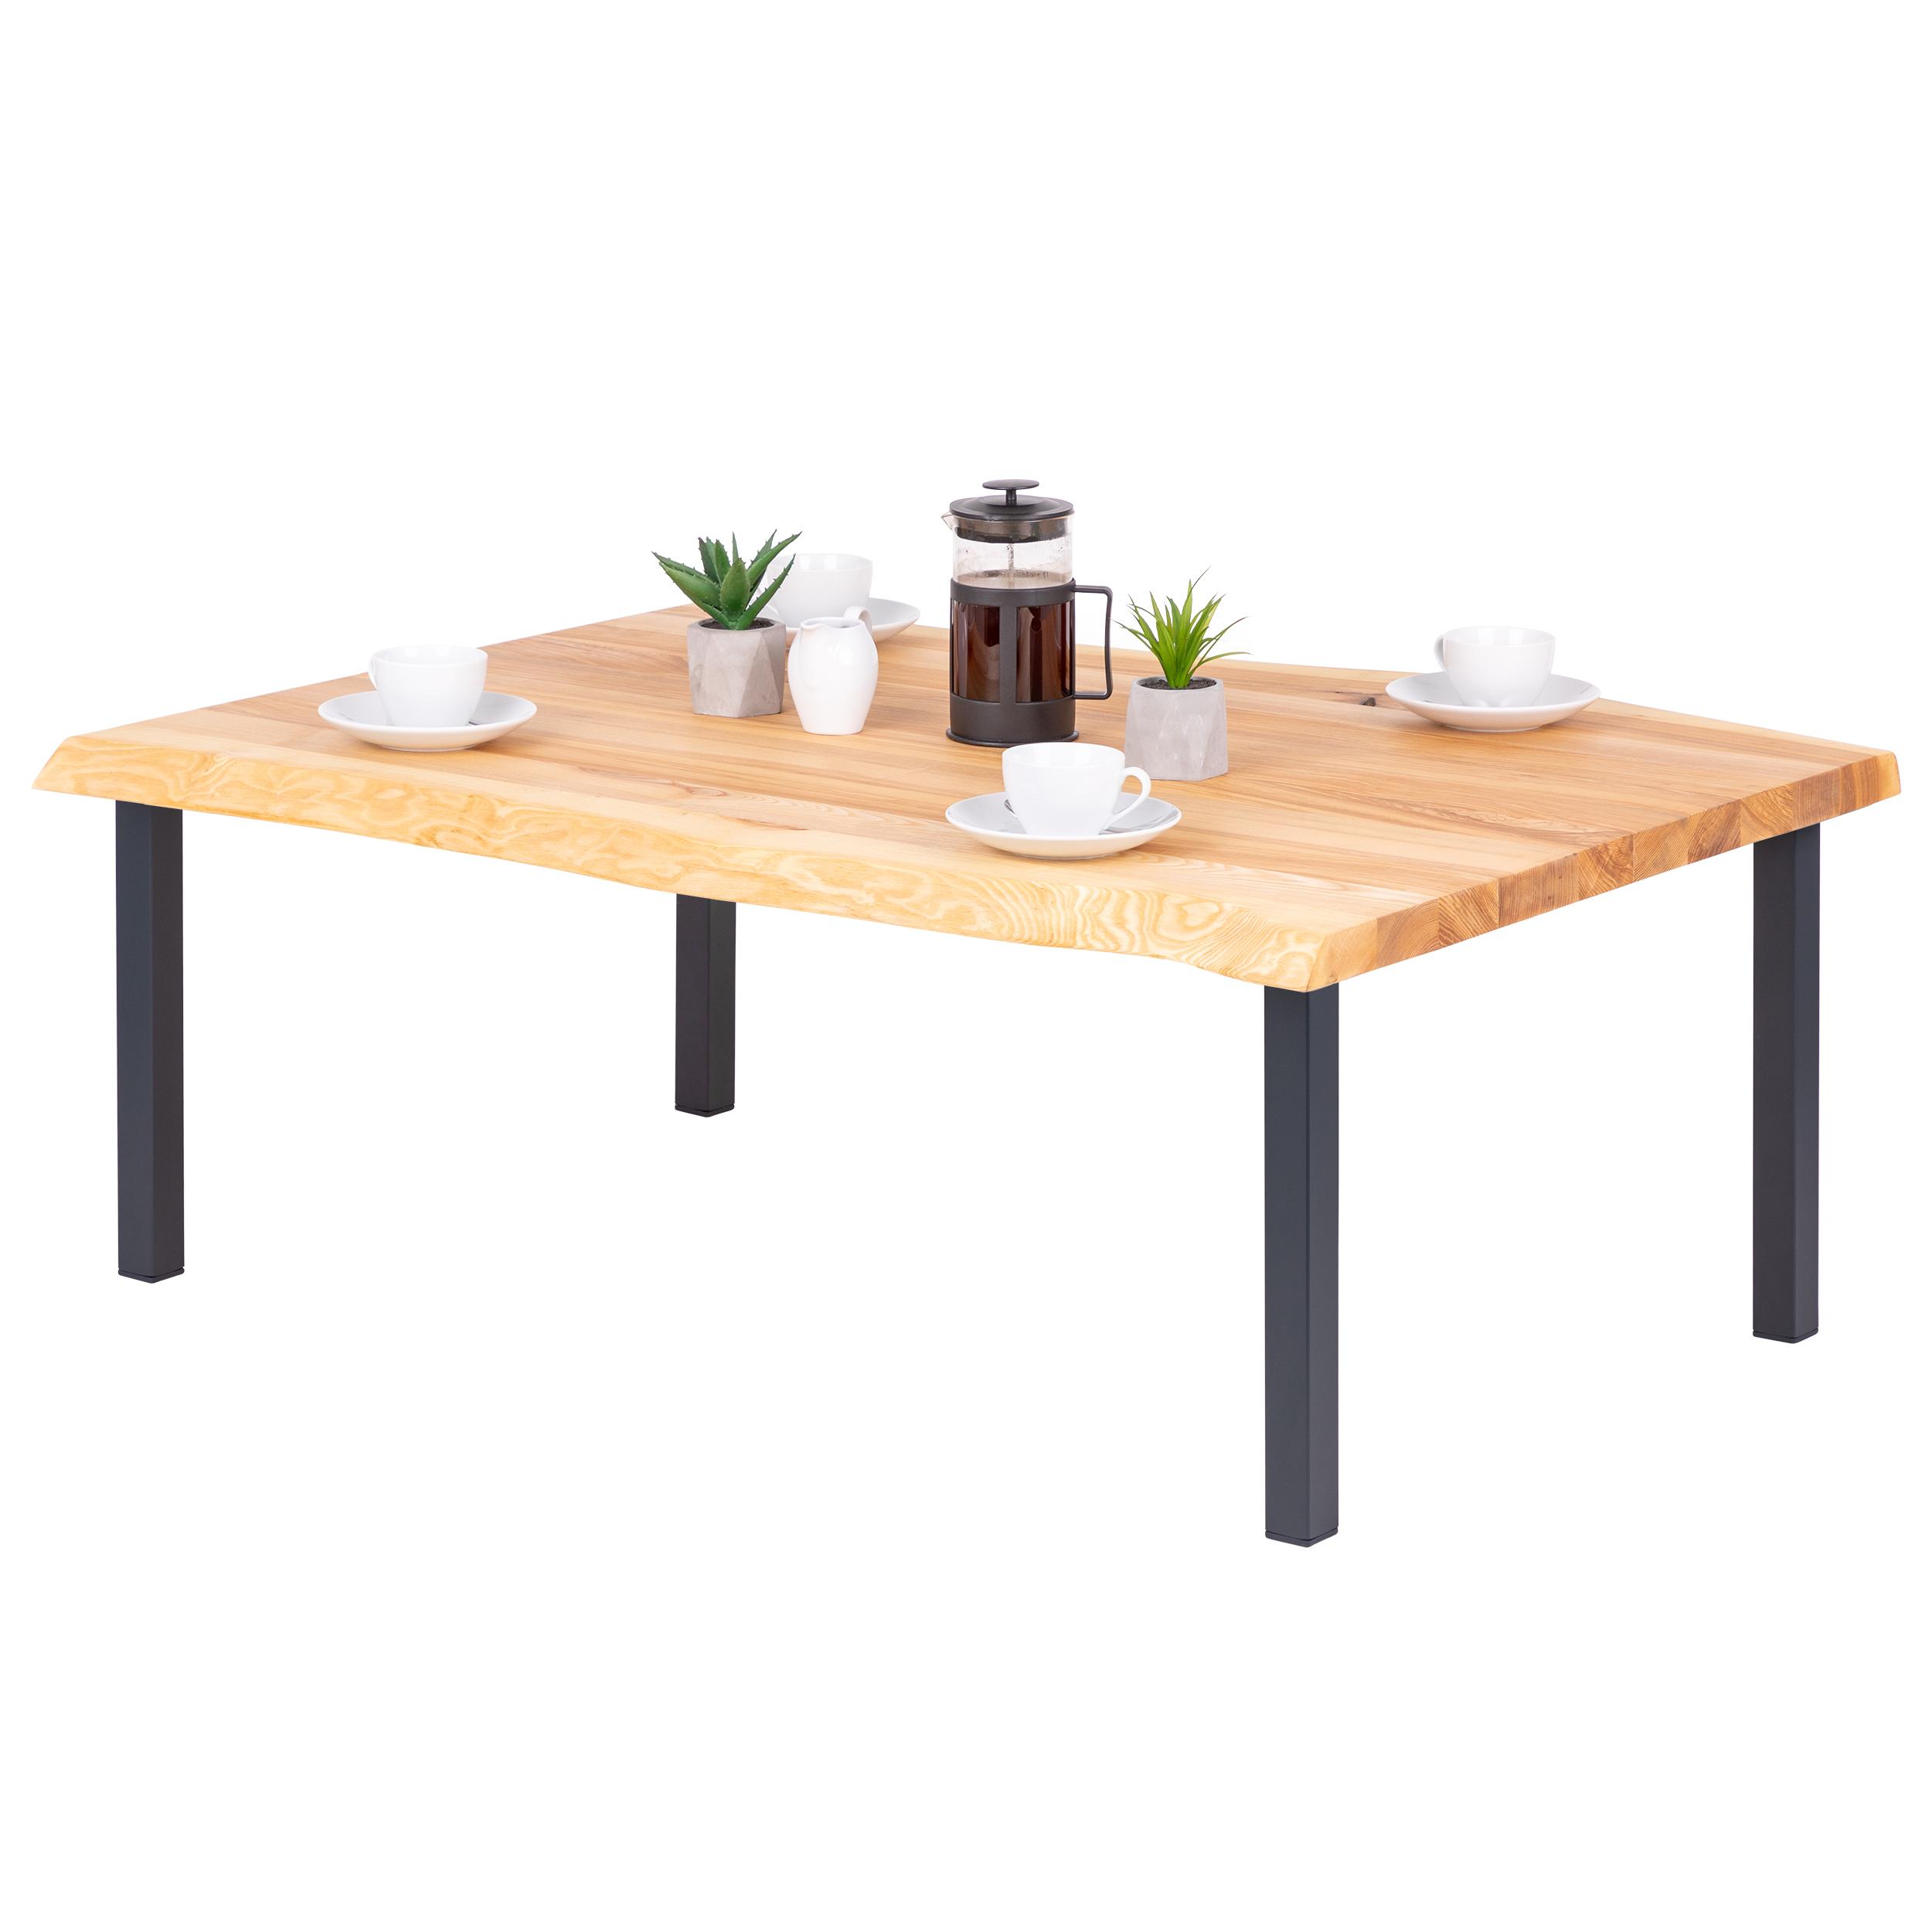 Wymarzony stół do jadalni - jak wybrać idealny mebel na lata? 5